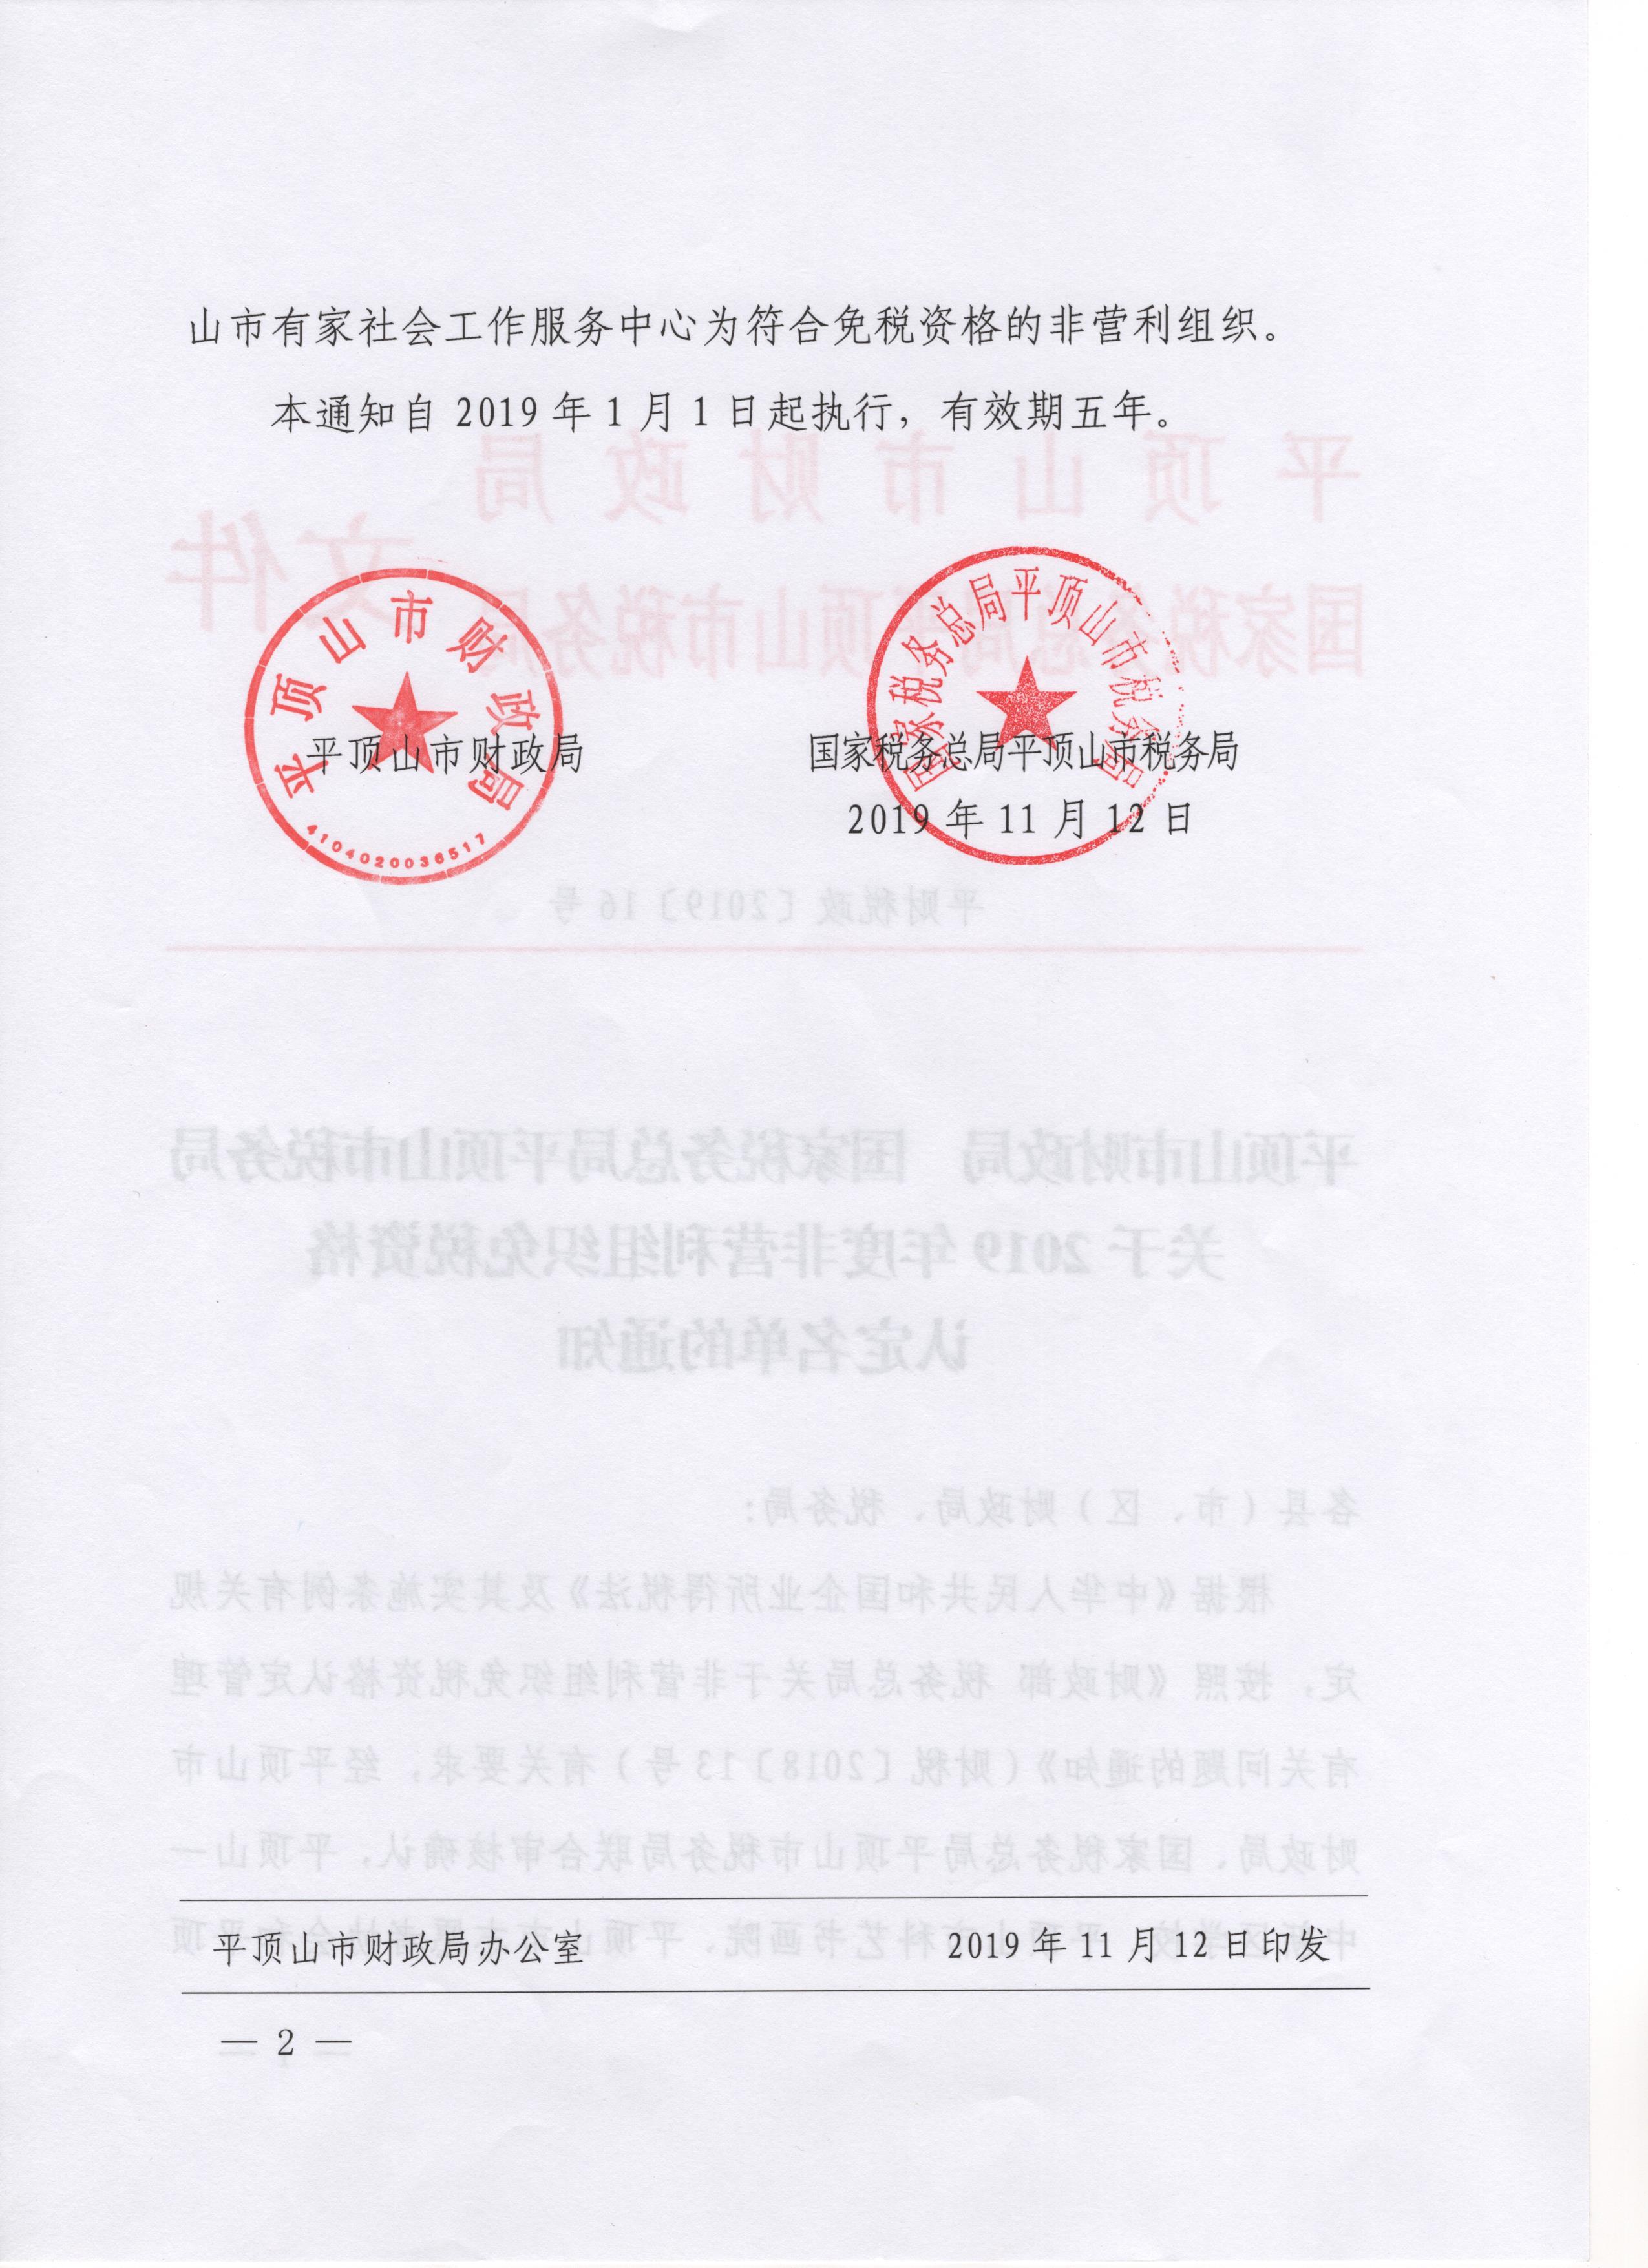 非营利组织免税资格认定2.jpg